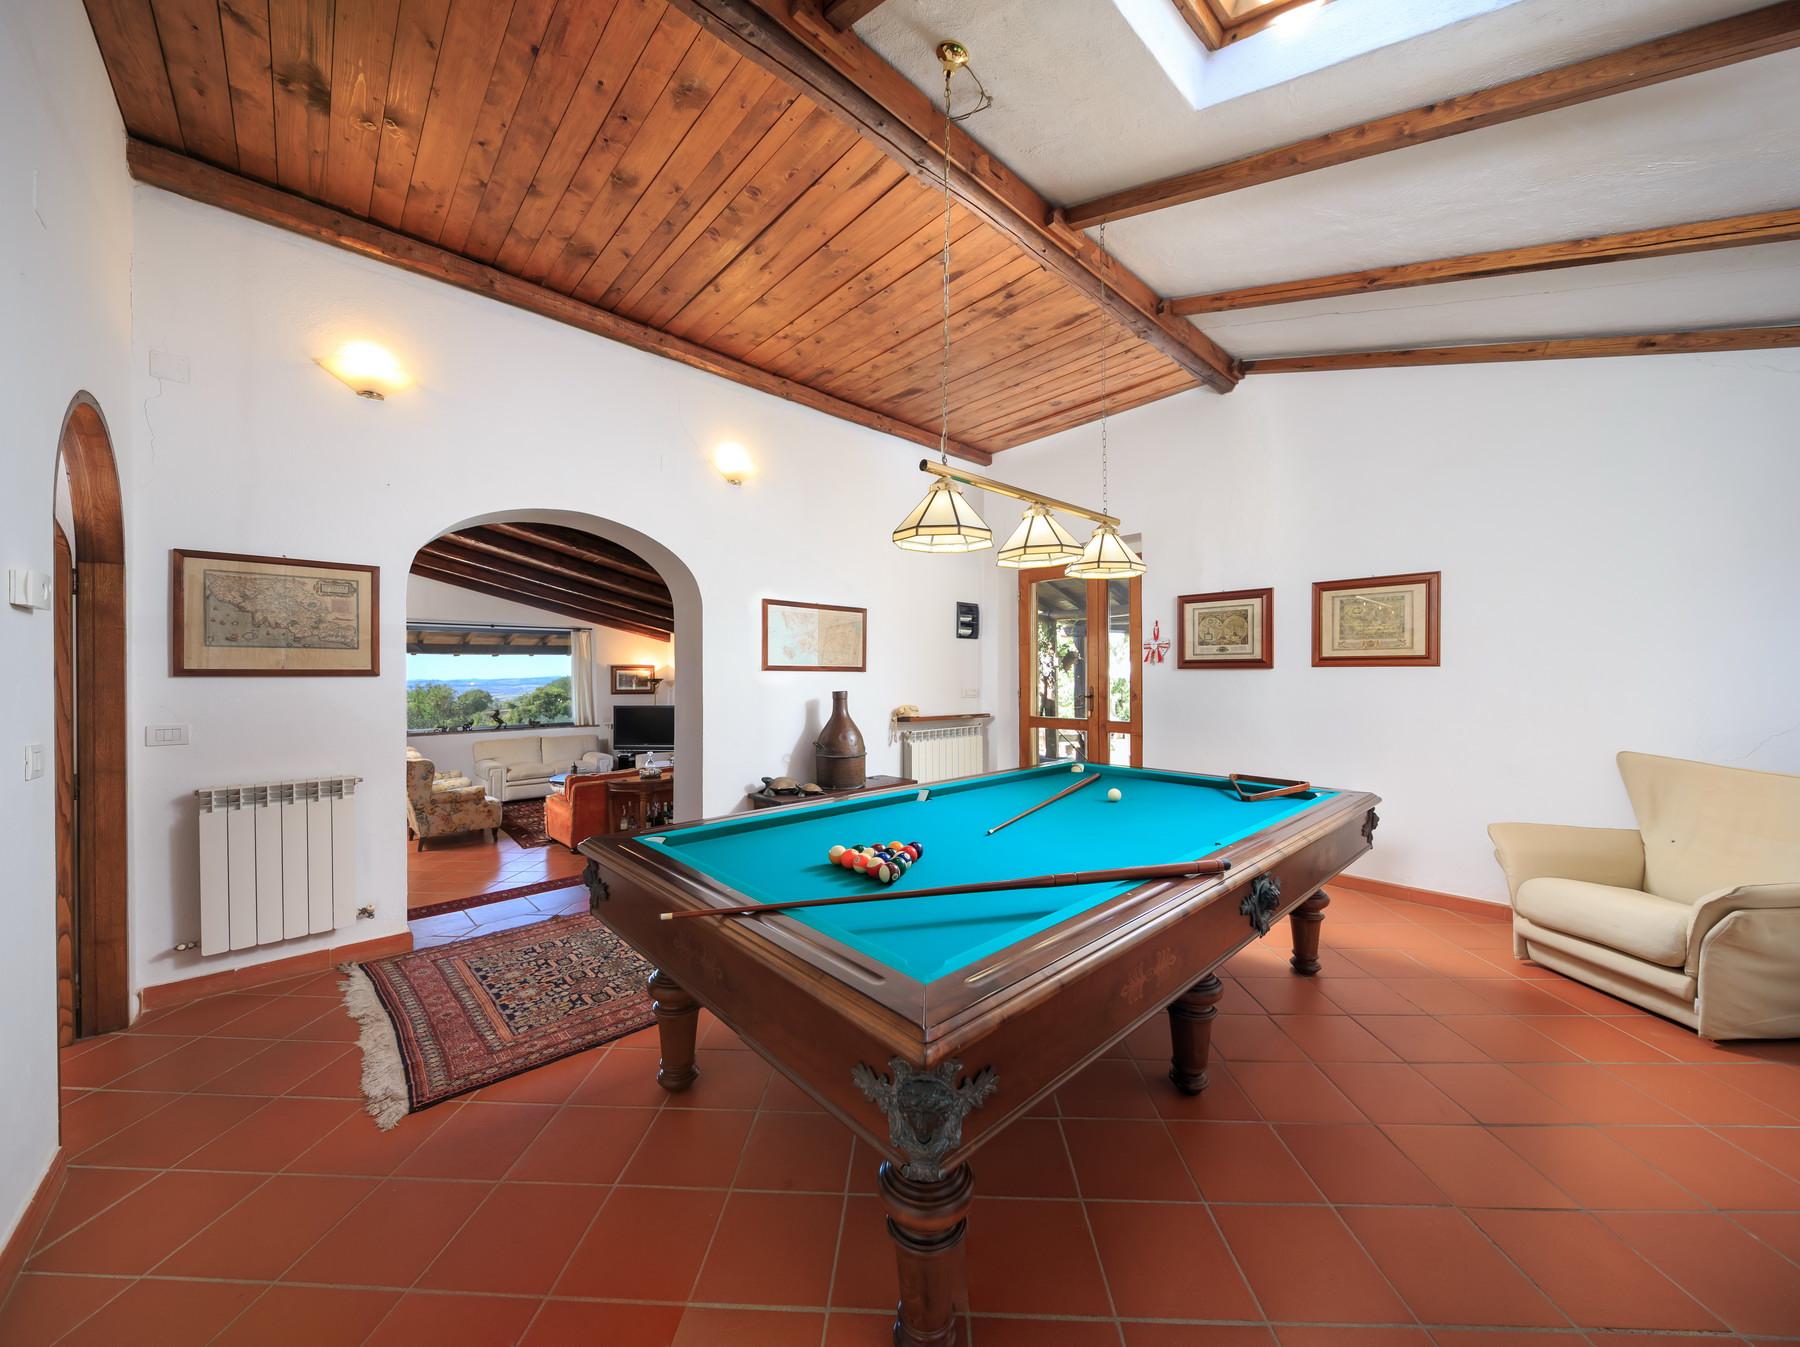 Rustico in Vendita a Manciano: 5 locali, 247 mq - Foto 17